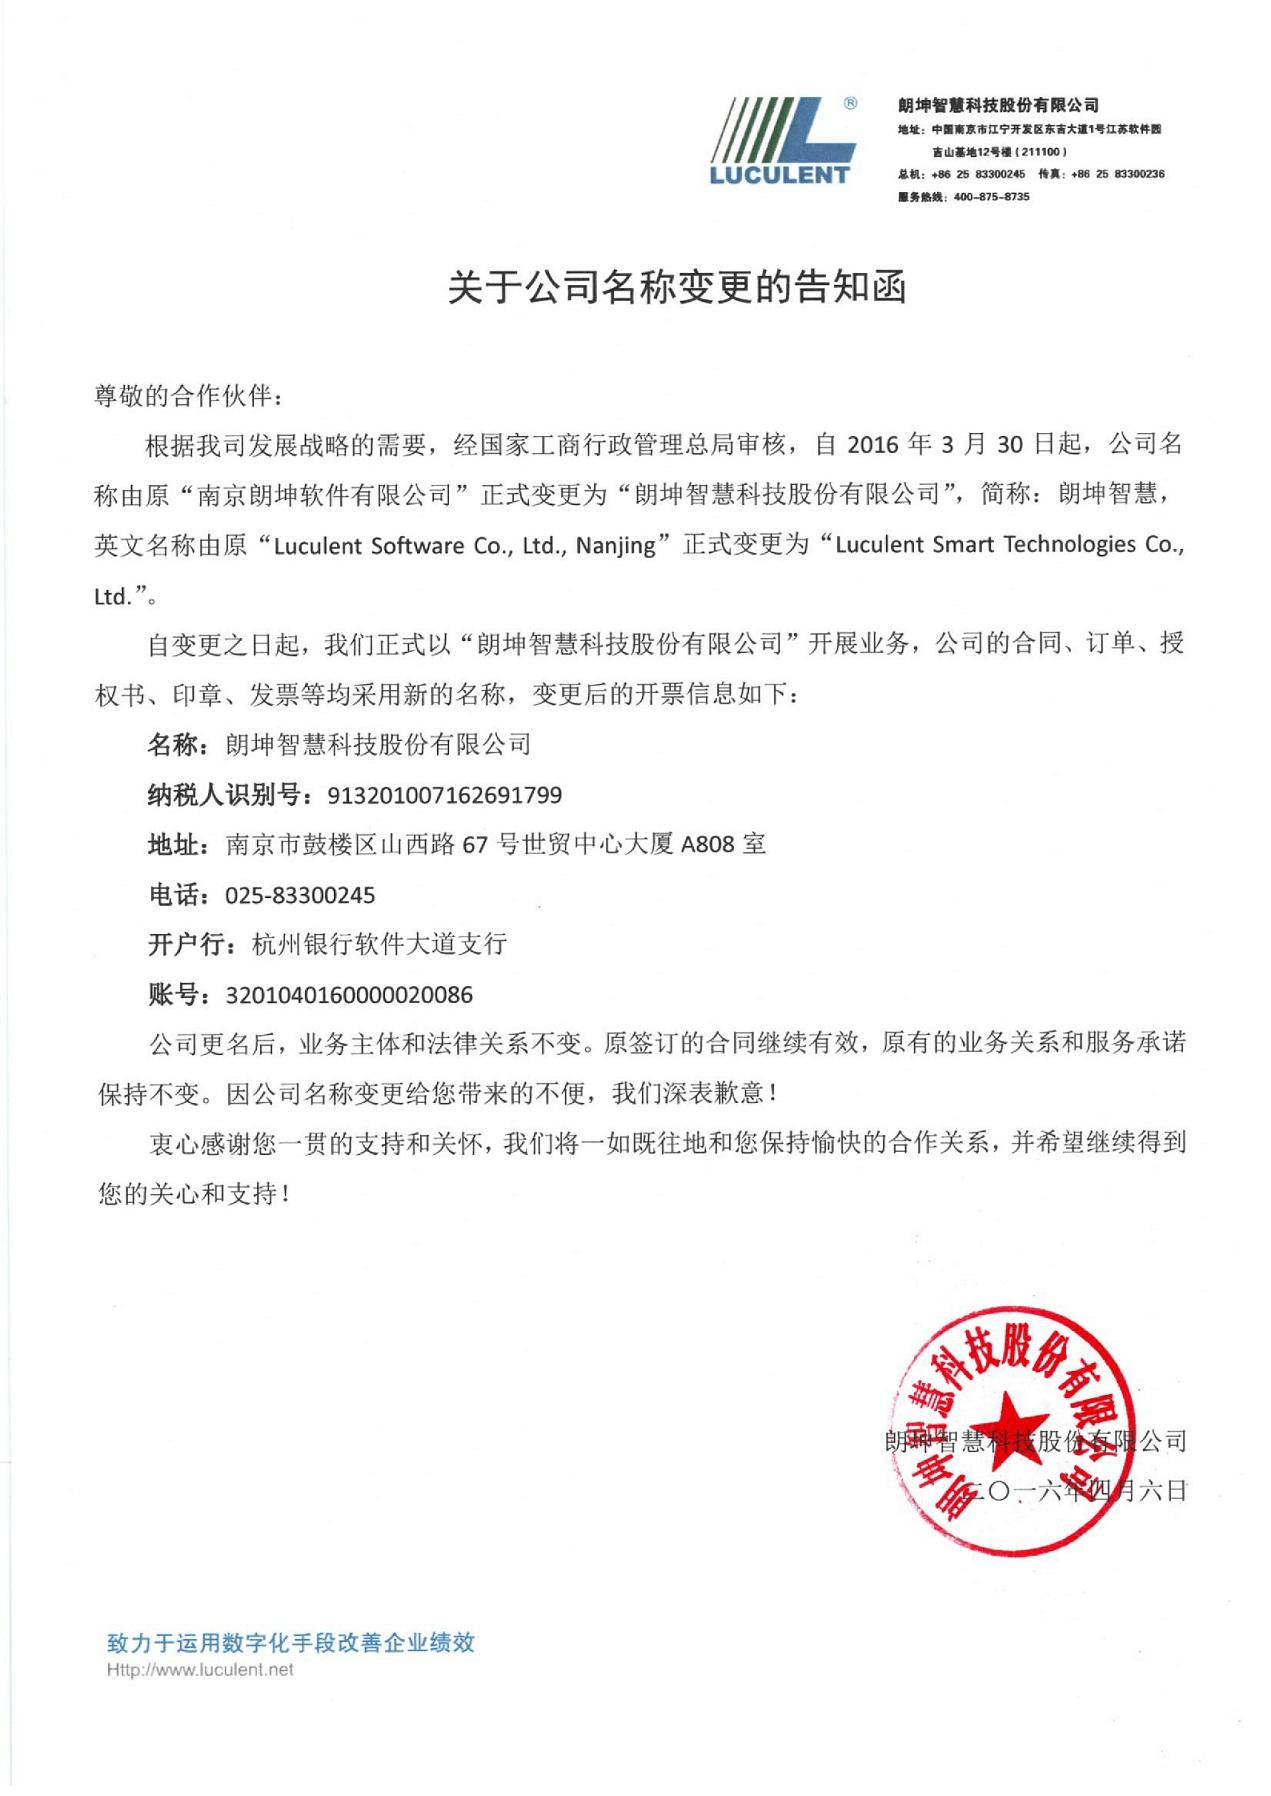 律师函_最新公司名称变更通知函格式范本-法律界